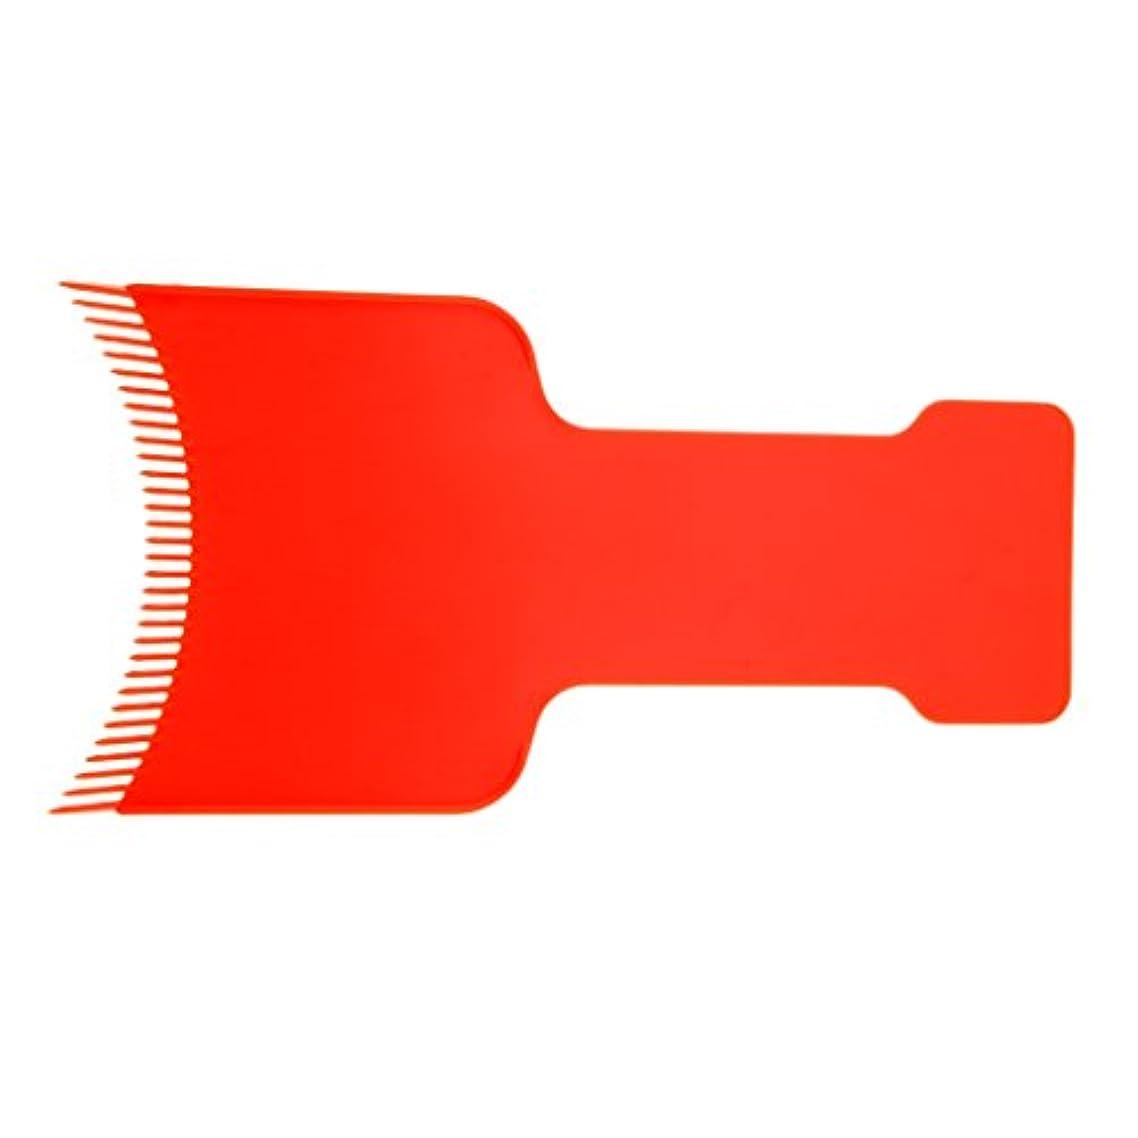 ファイアル飼い慣らす乱雑なCUTICATE サロンヘアカラーボードヘアカラーティントプレート理髪美容美容 健康